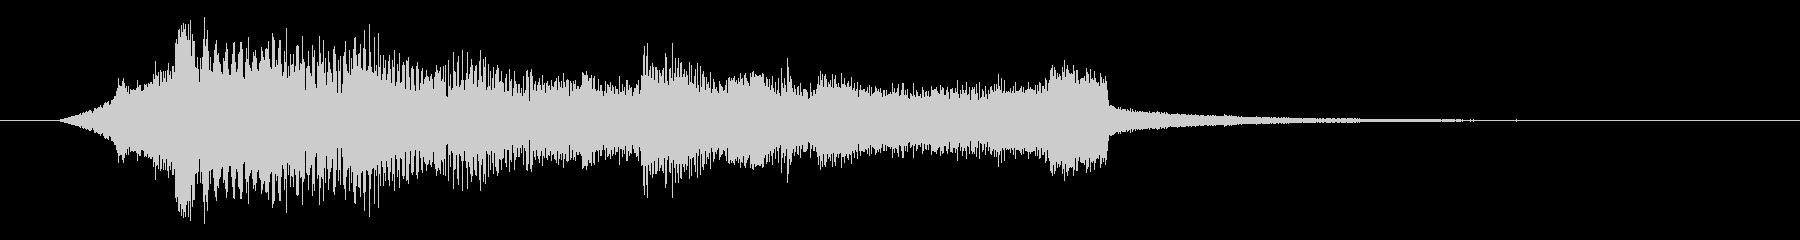 2.幕開け感のあるサウンドロゴの未再生の波形